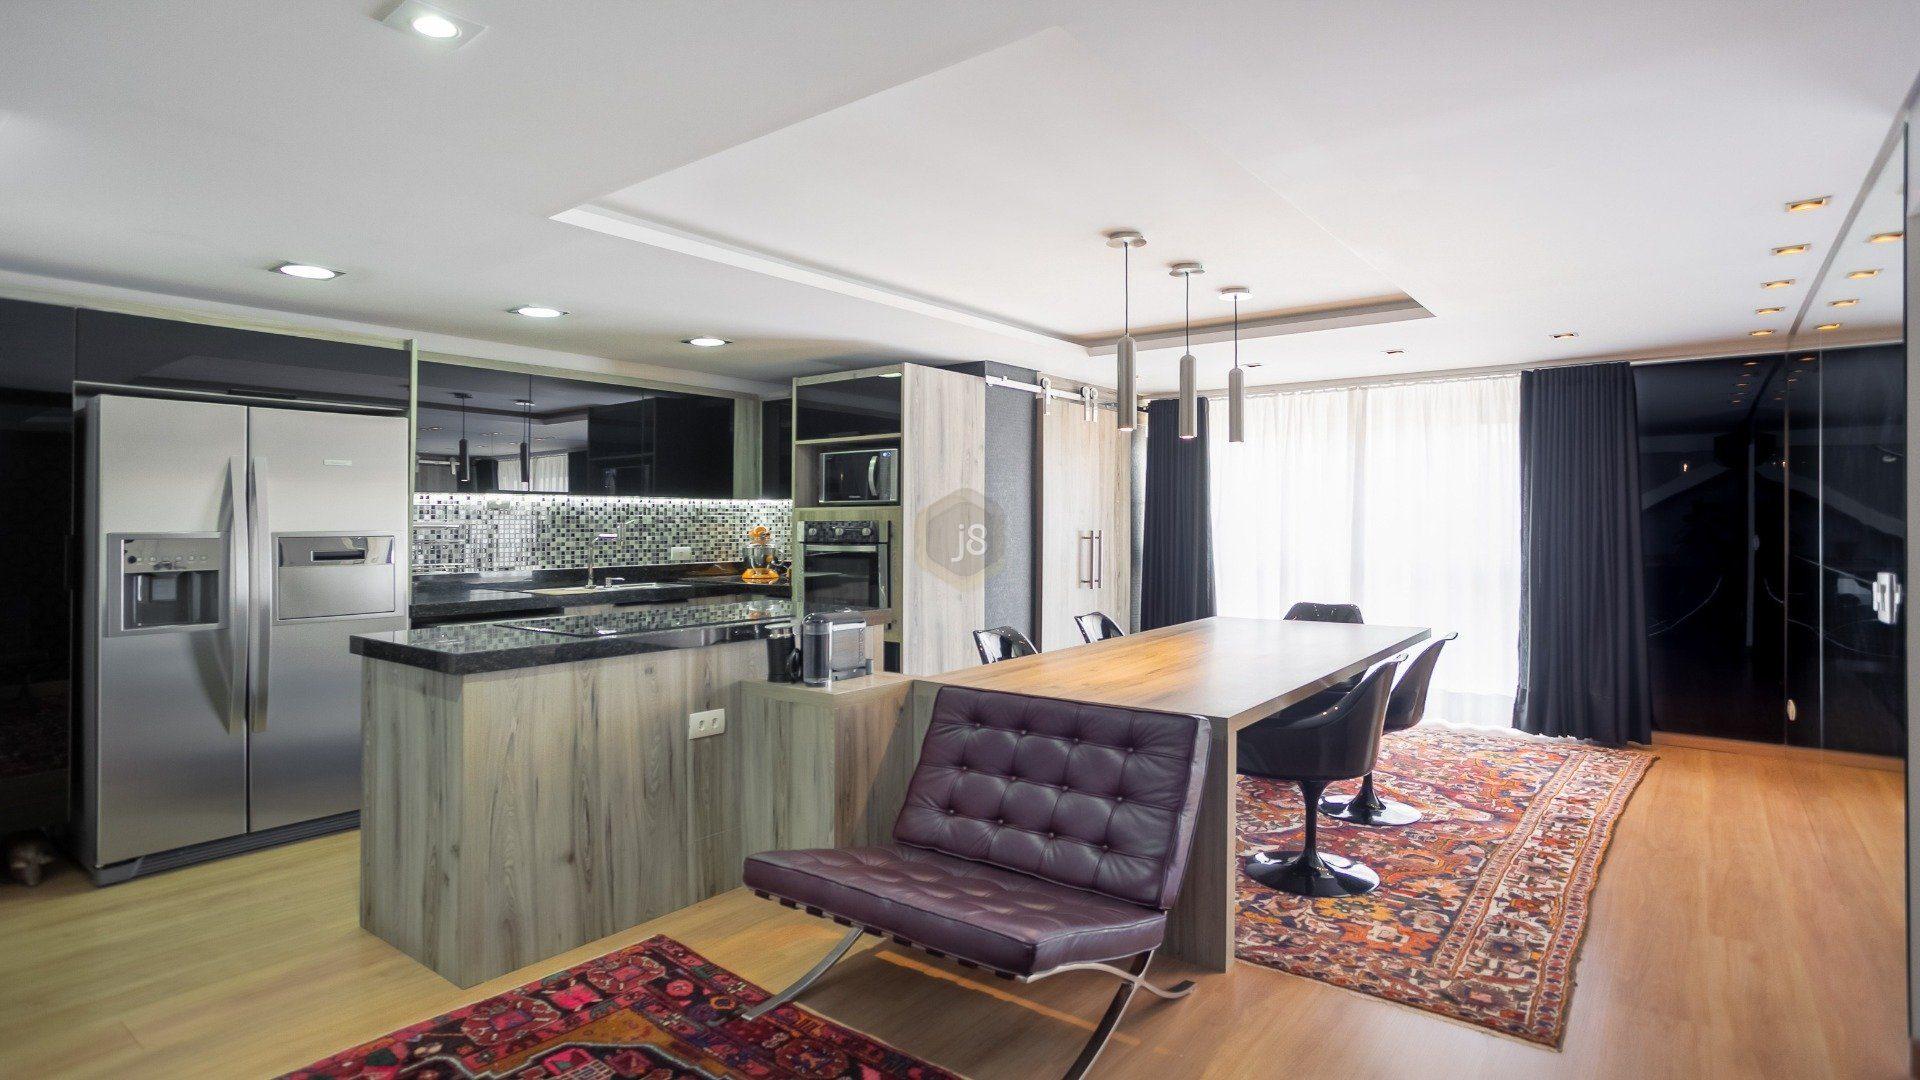 cozinha moderna integrada a sala de estar com poltrona roxa